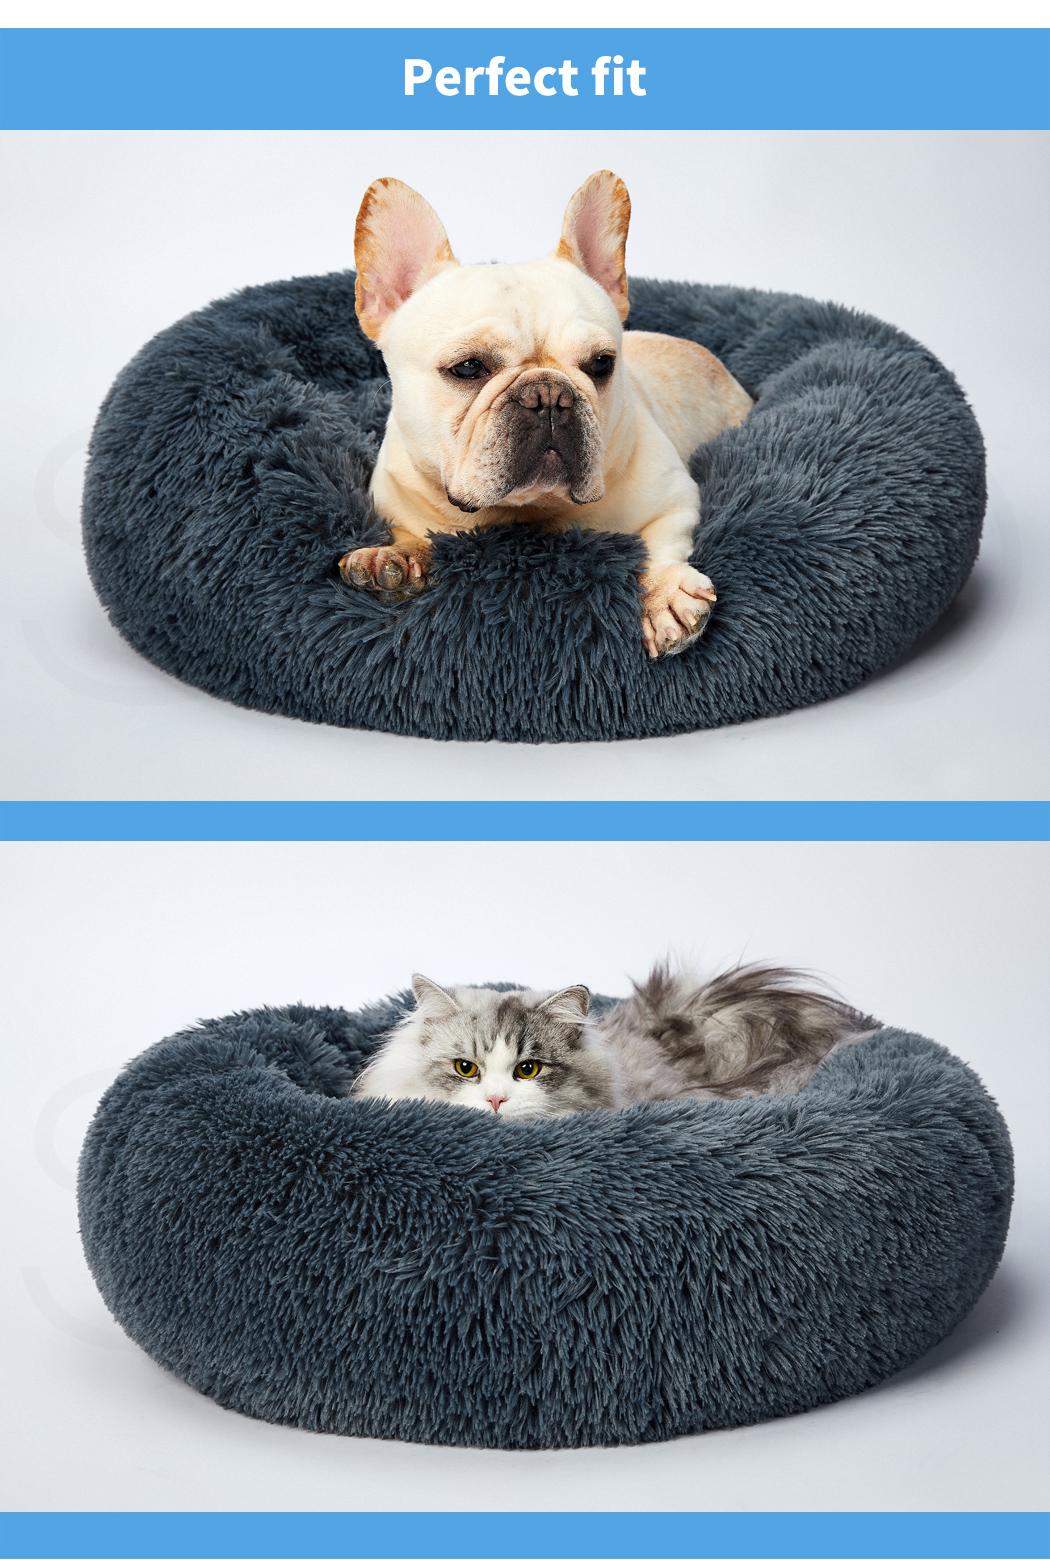 thumbnail 206 - PaWz Pet Bed Cat Dog Donut Nest Calming Mat Soft Plush Kennel Cave Deep Sleeping